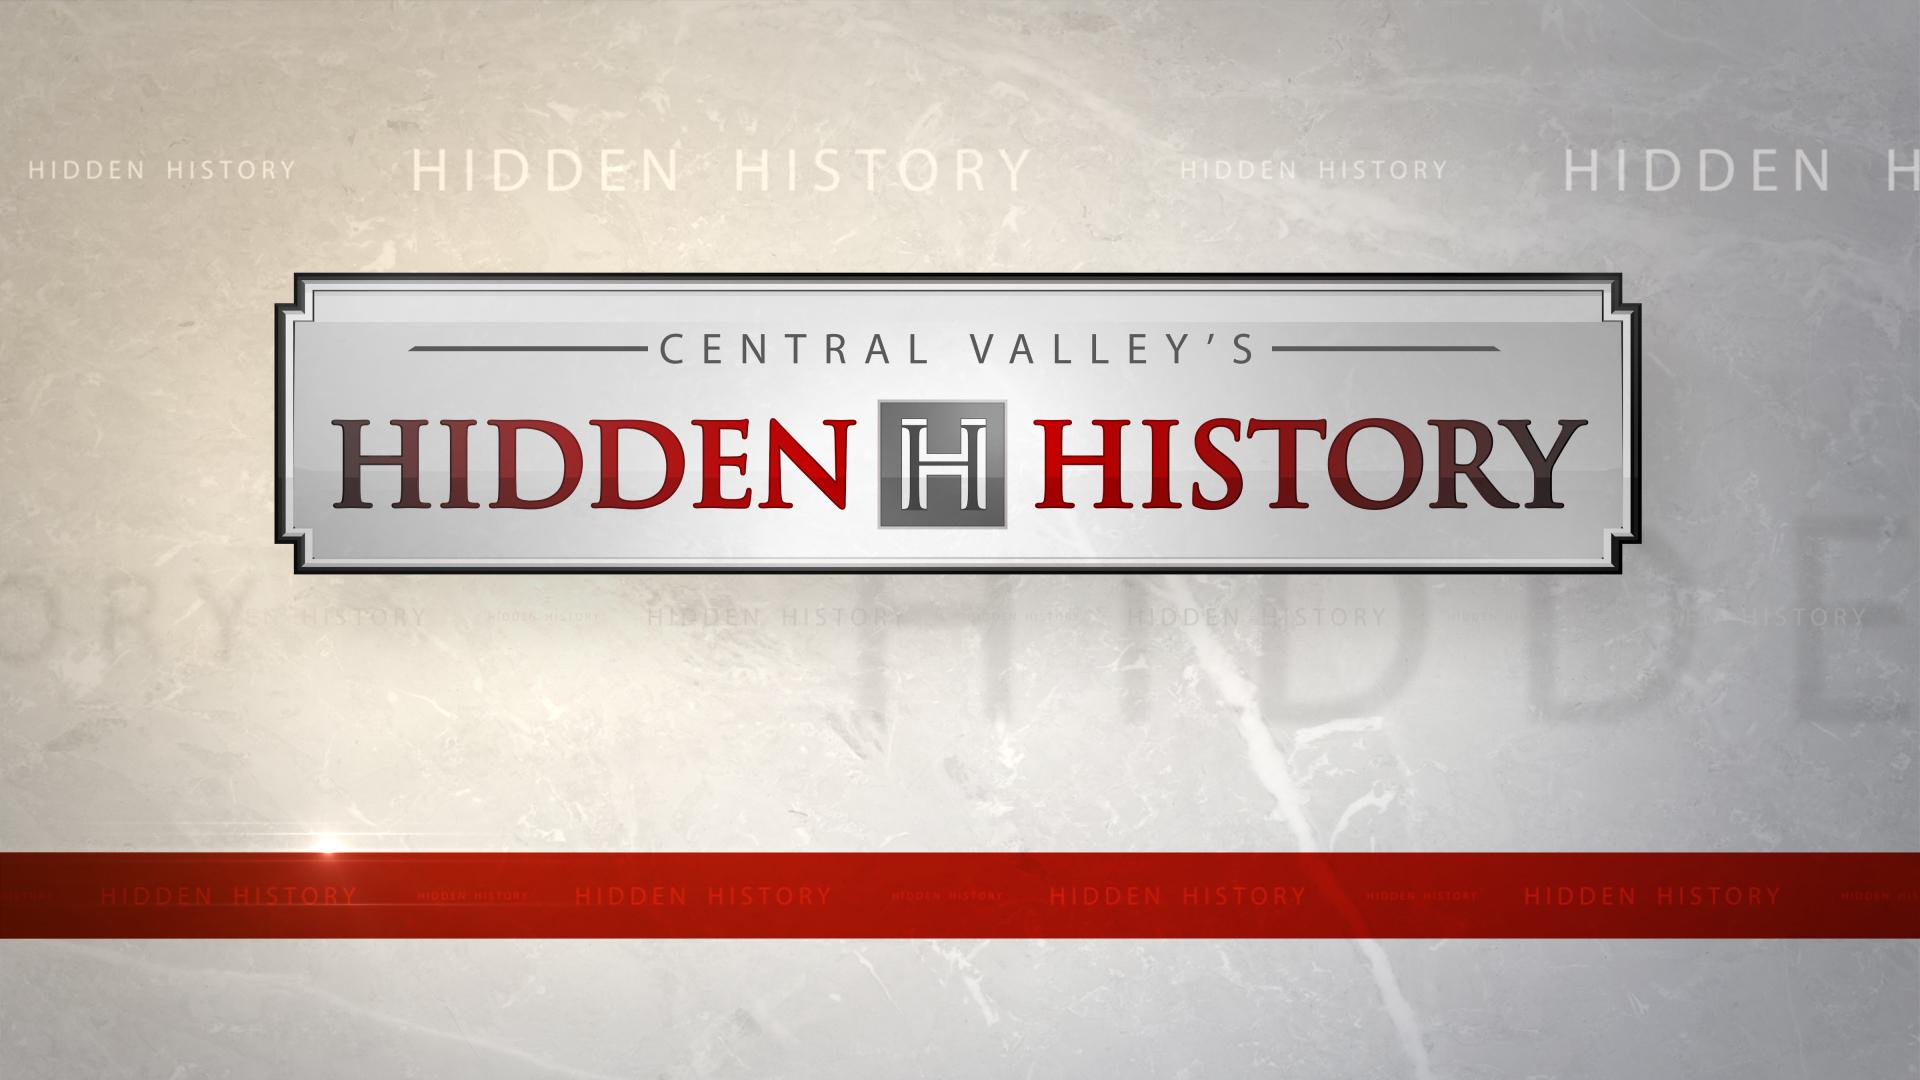 hidden-history_1521673943915.jpg